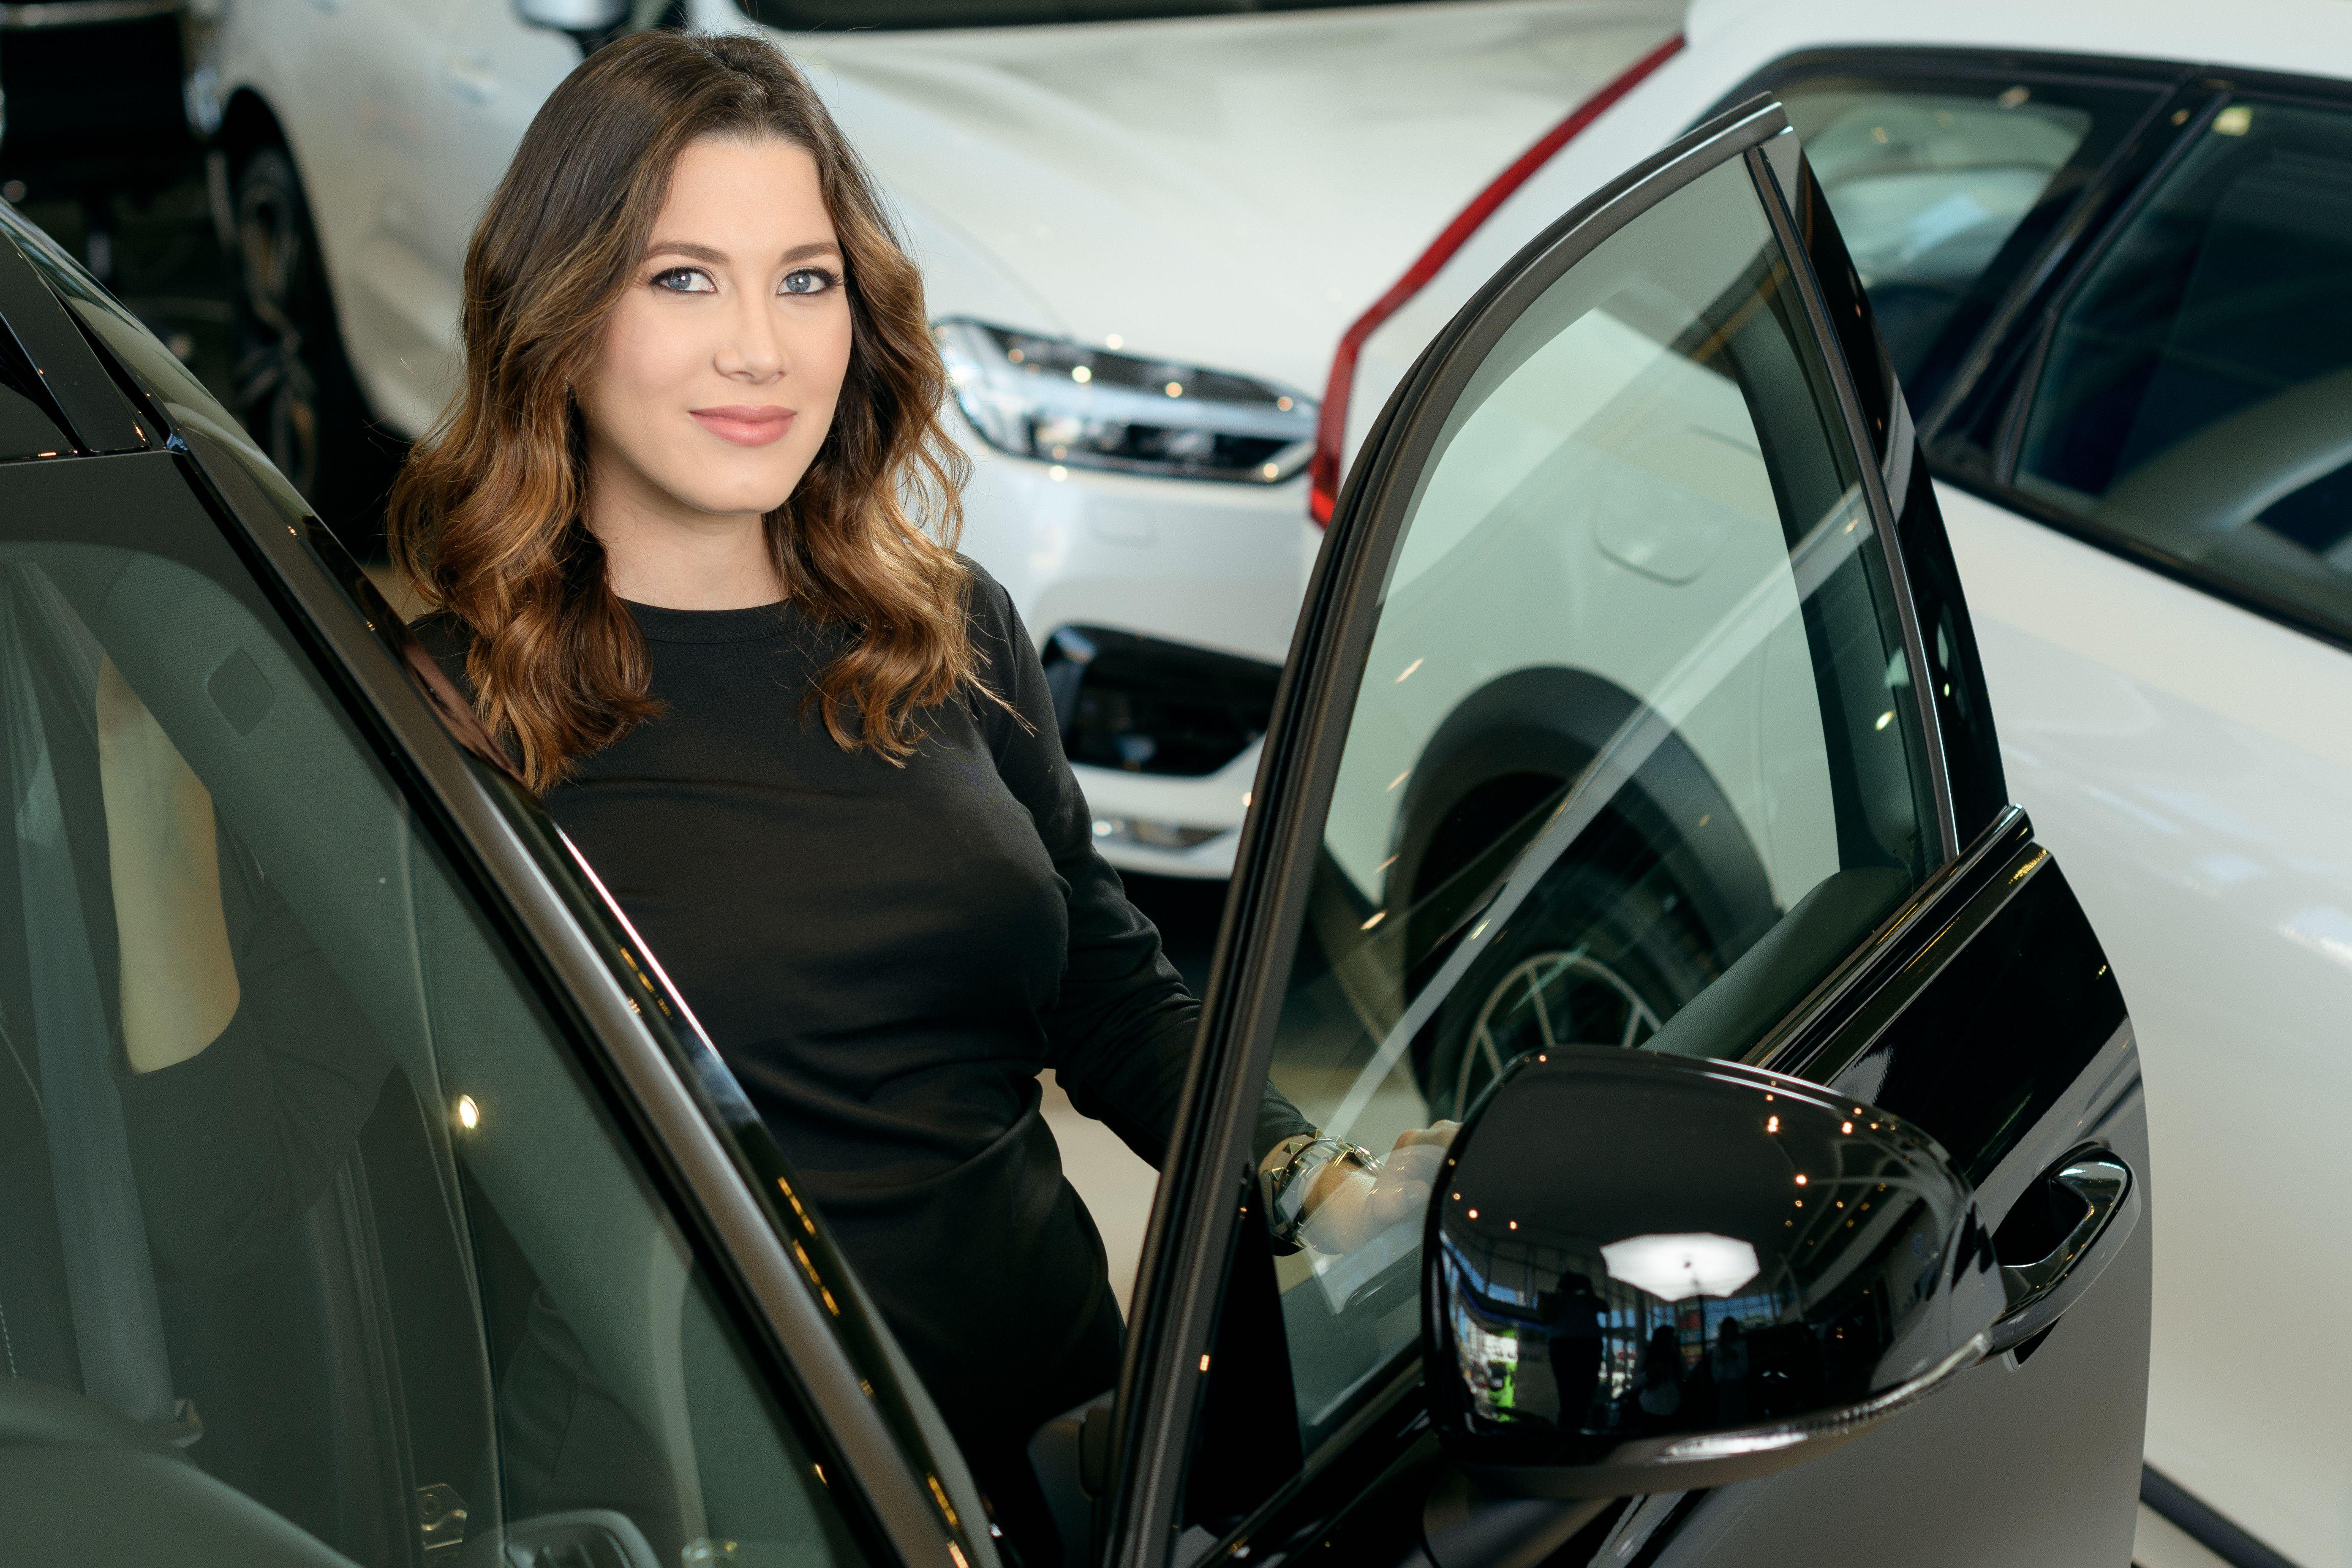 Krystal Serret: Comunicando la parte más humana y sensible del sector automotriz